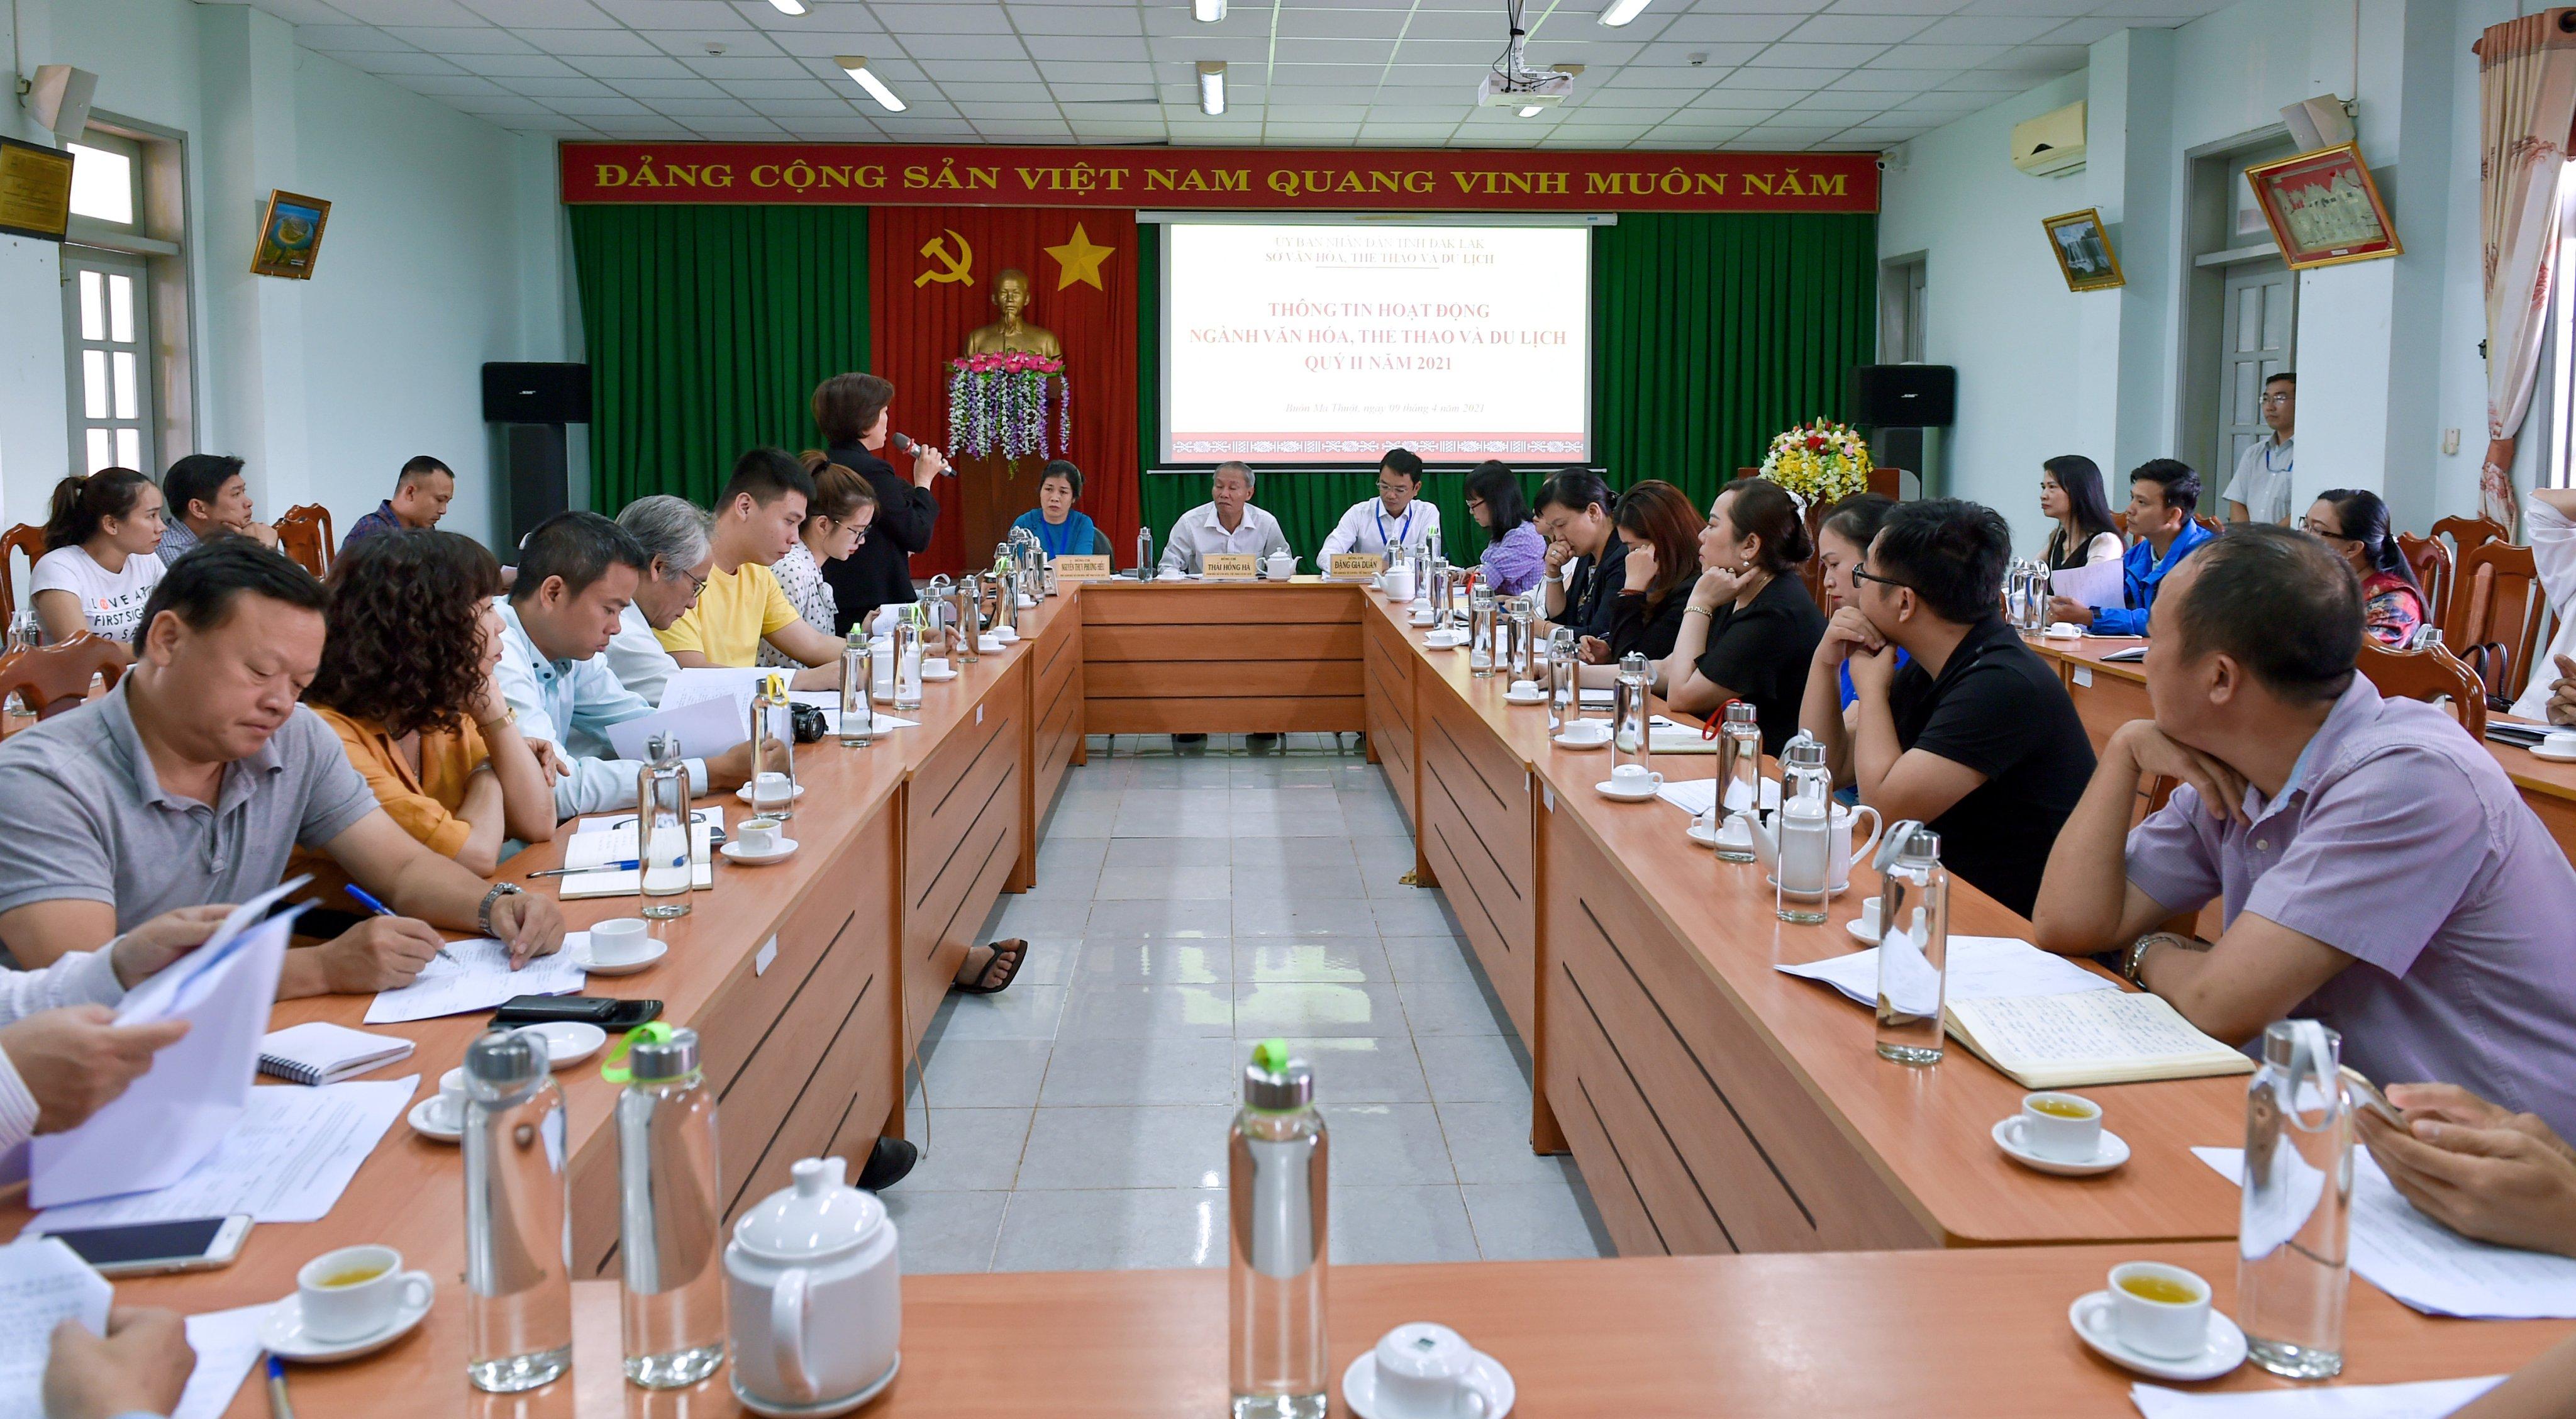 Đắk Lắk sẽ triển khai chương trình kích cầu du lịch trên nền tảng số